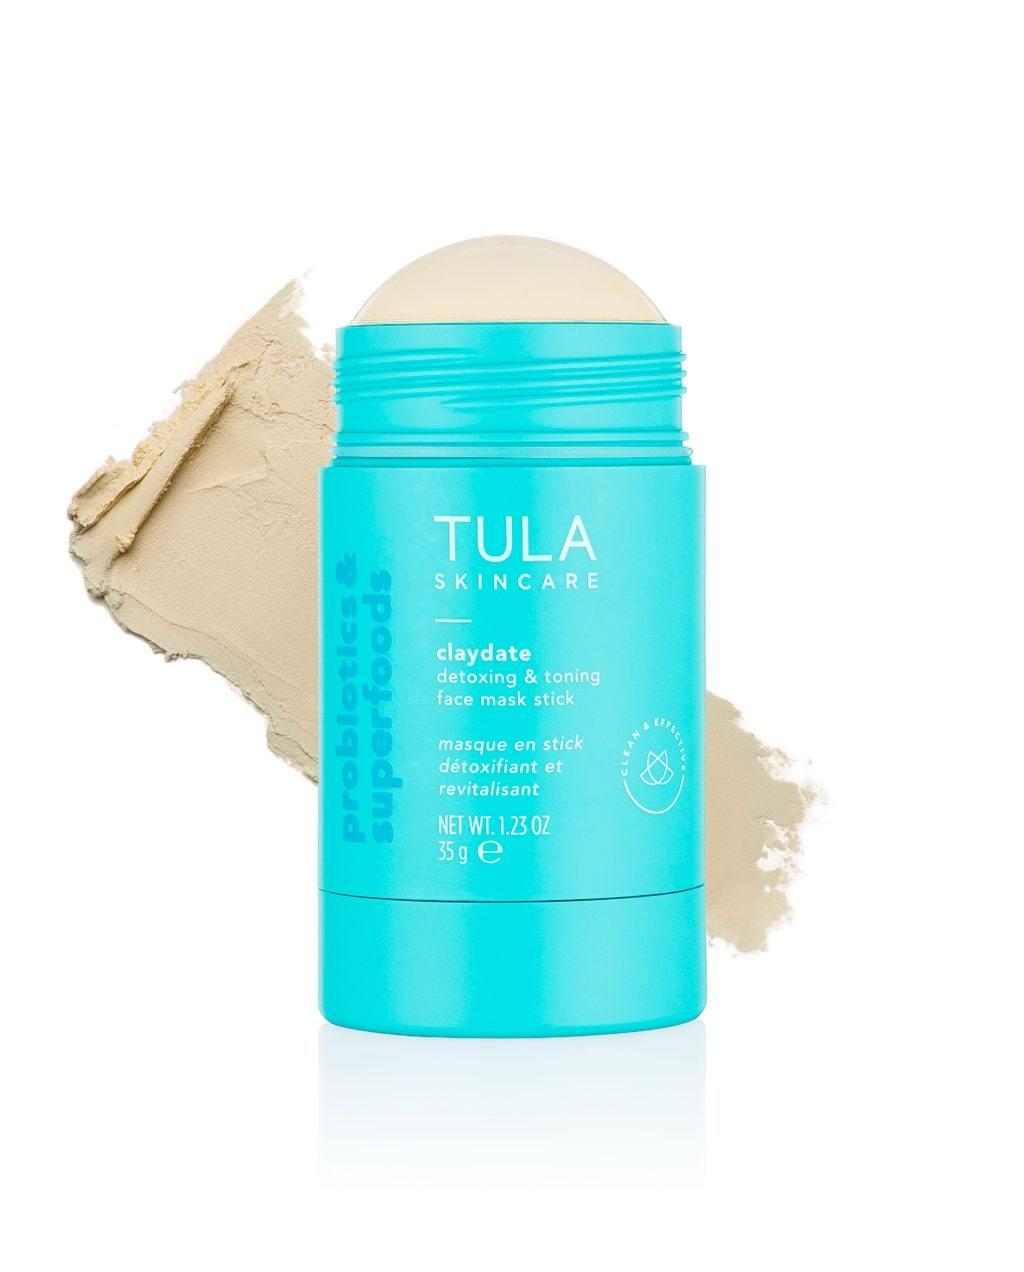 claydate | Tula Skincare